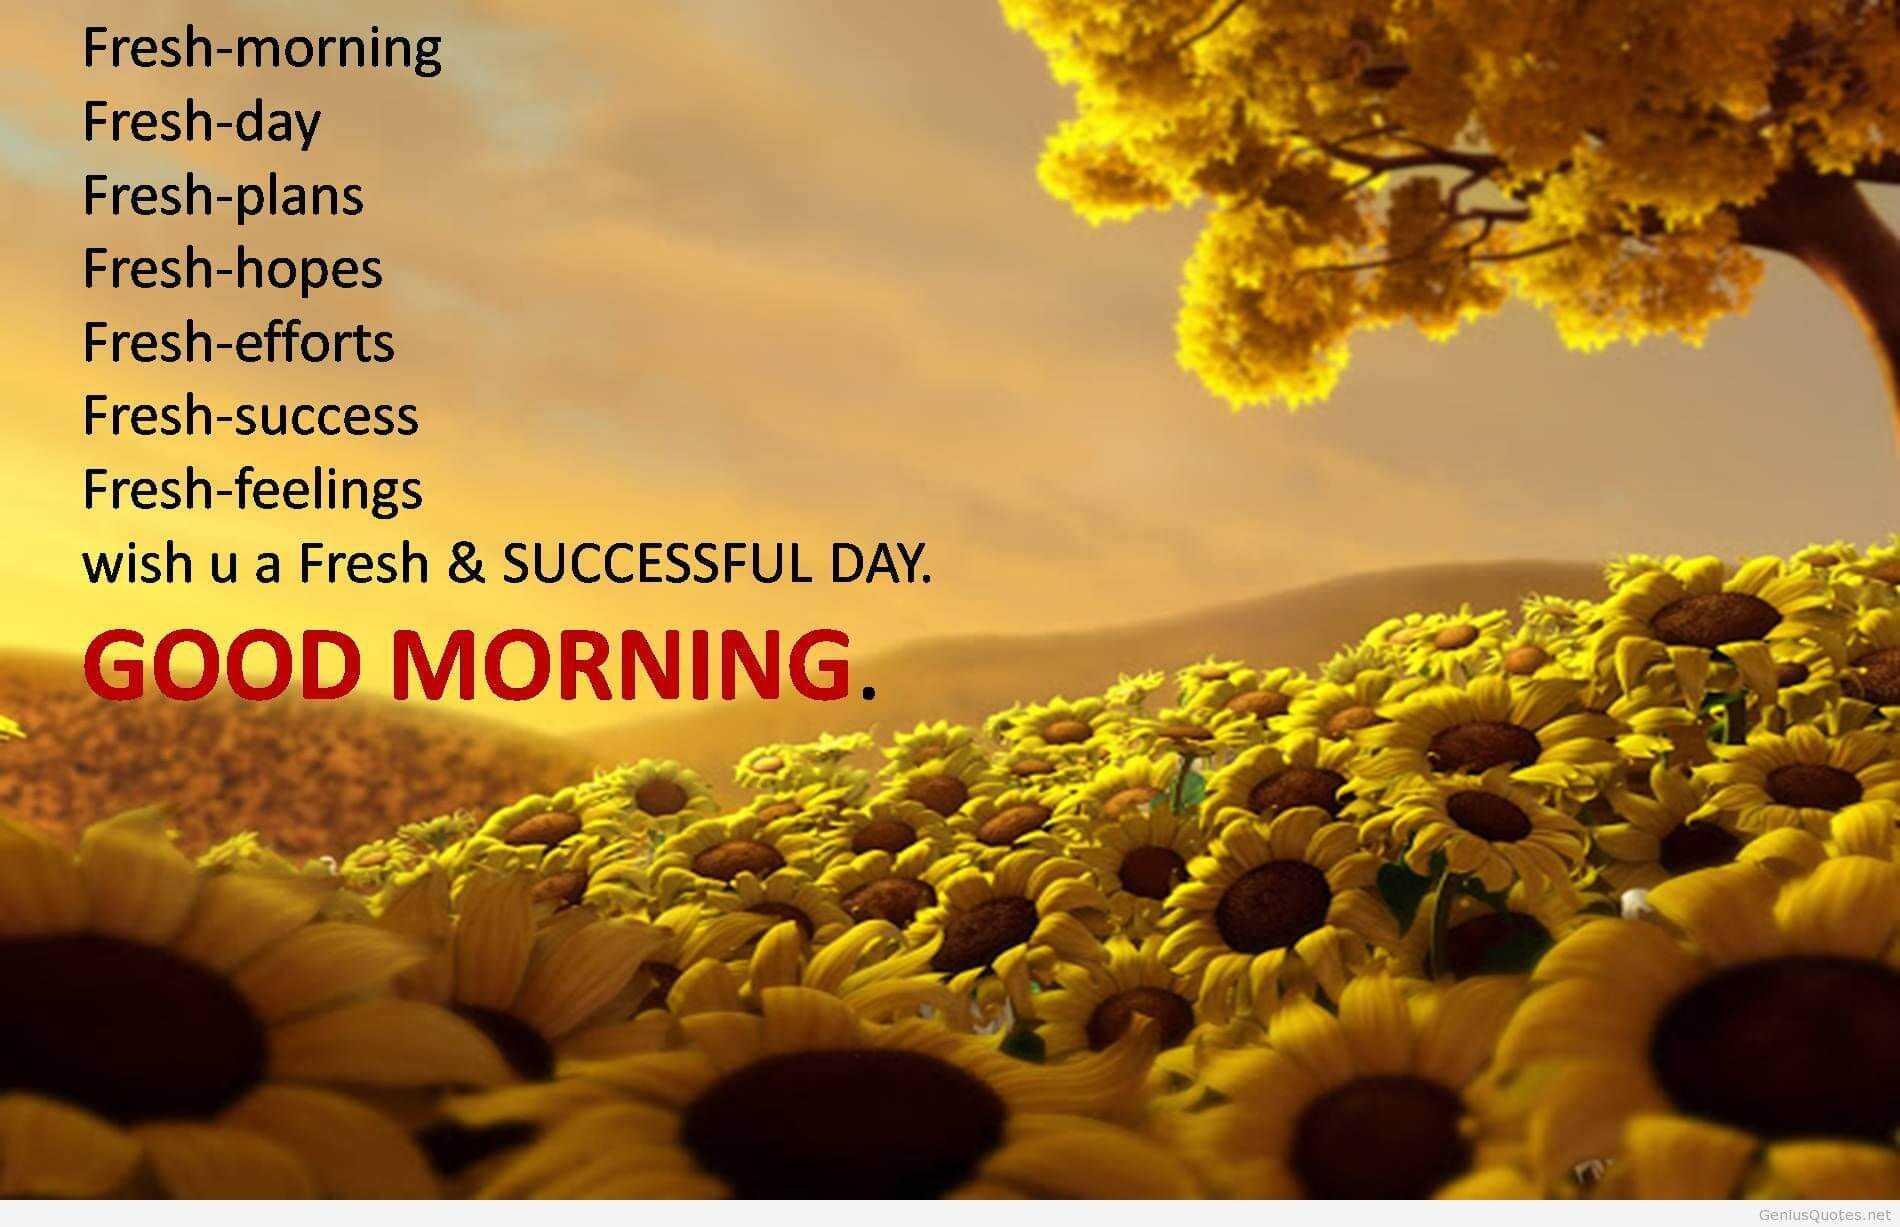 good morning wallpaper free download